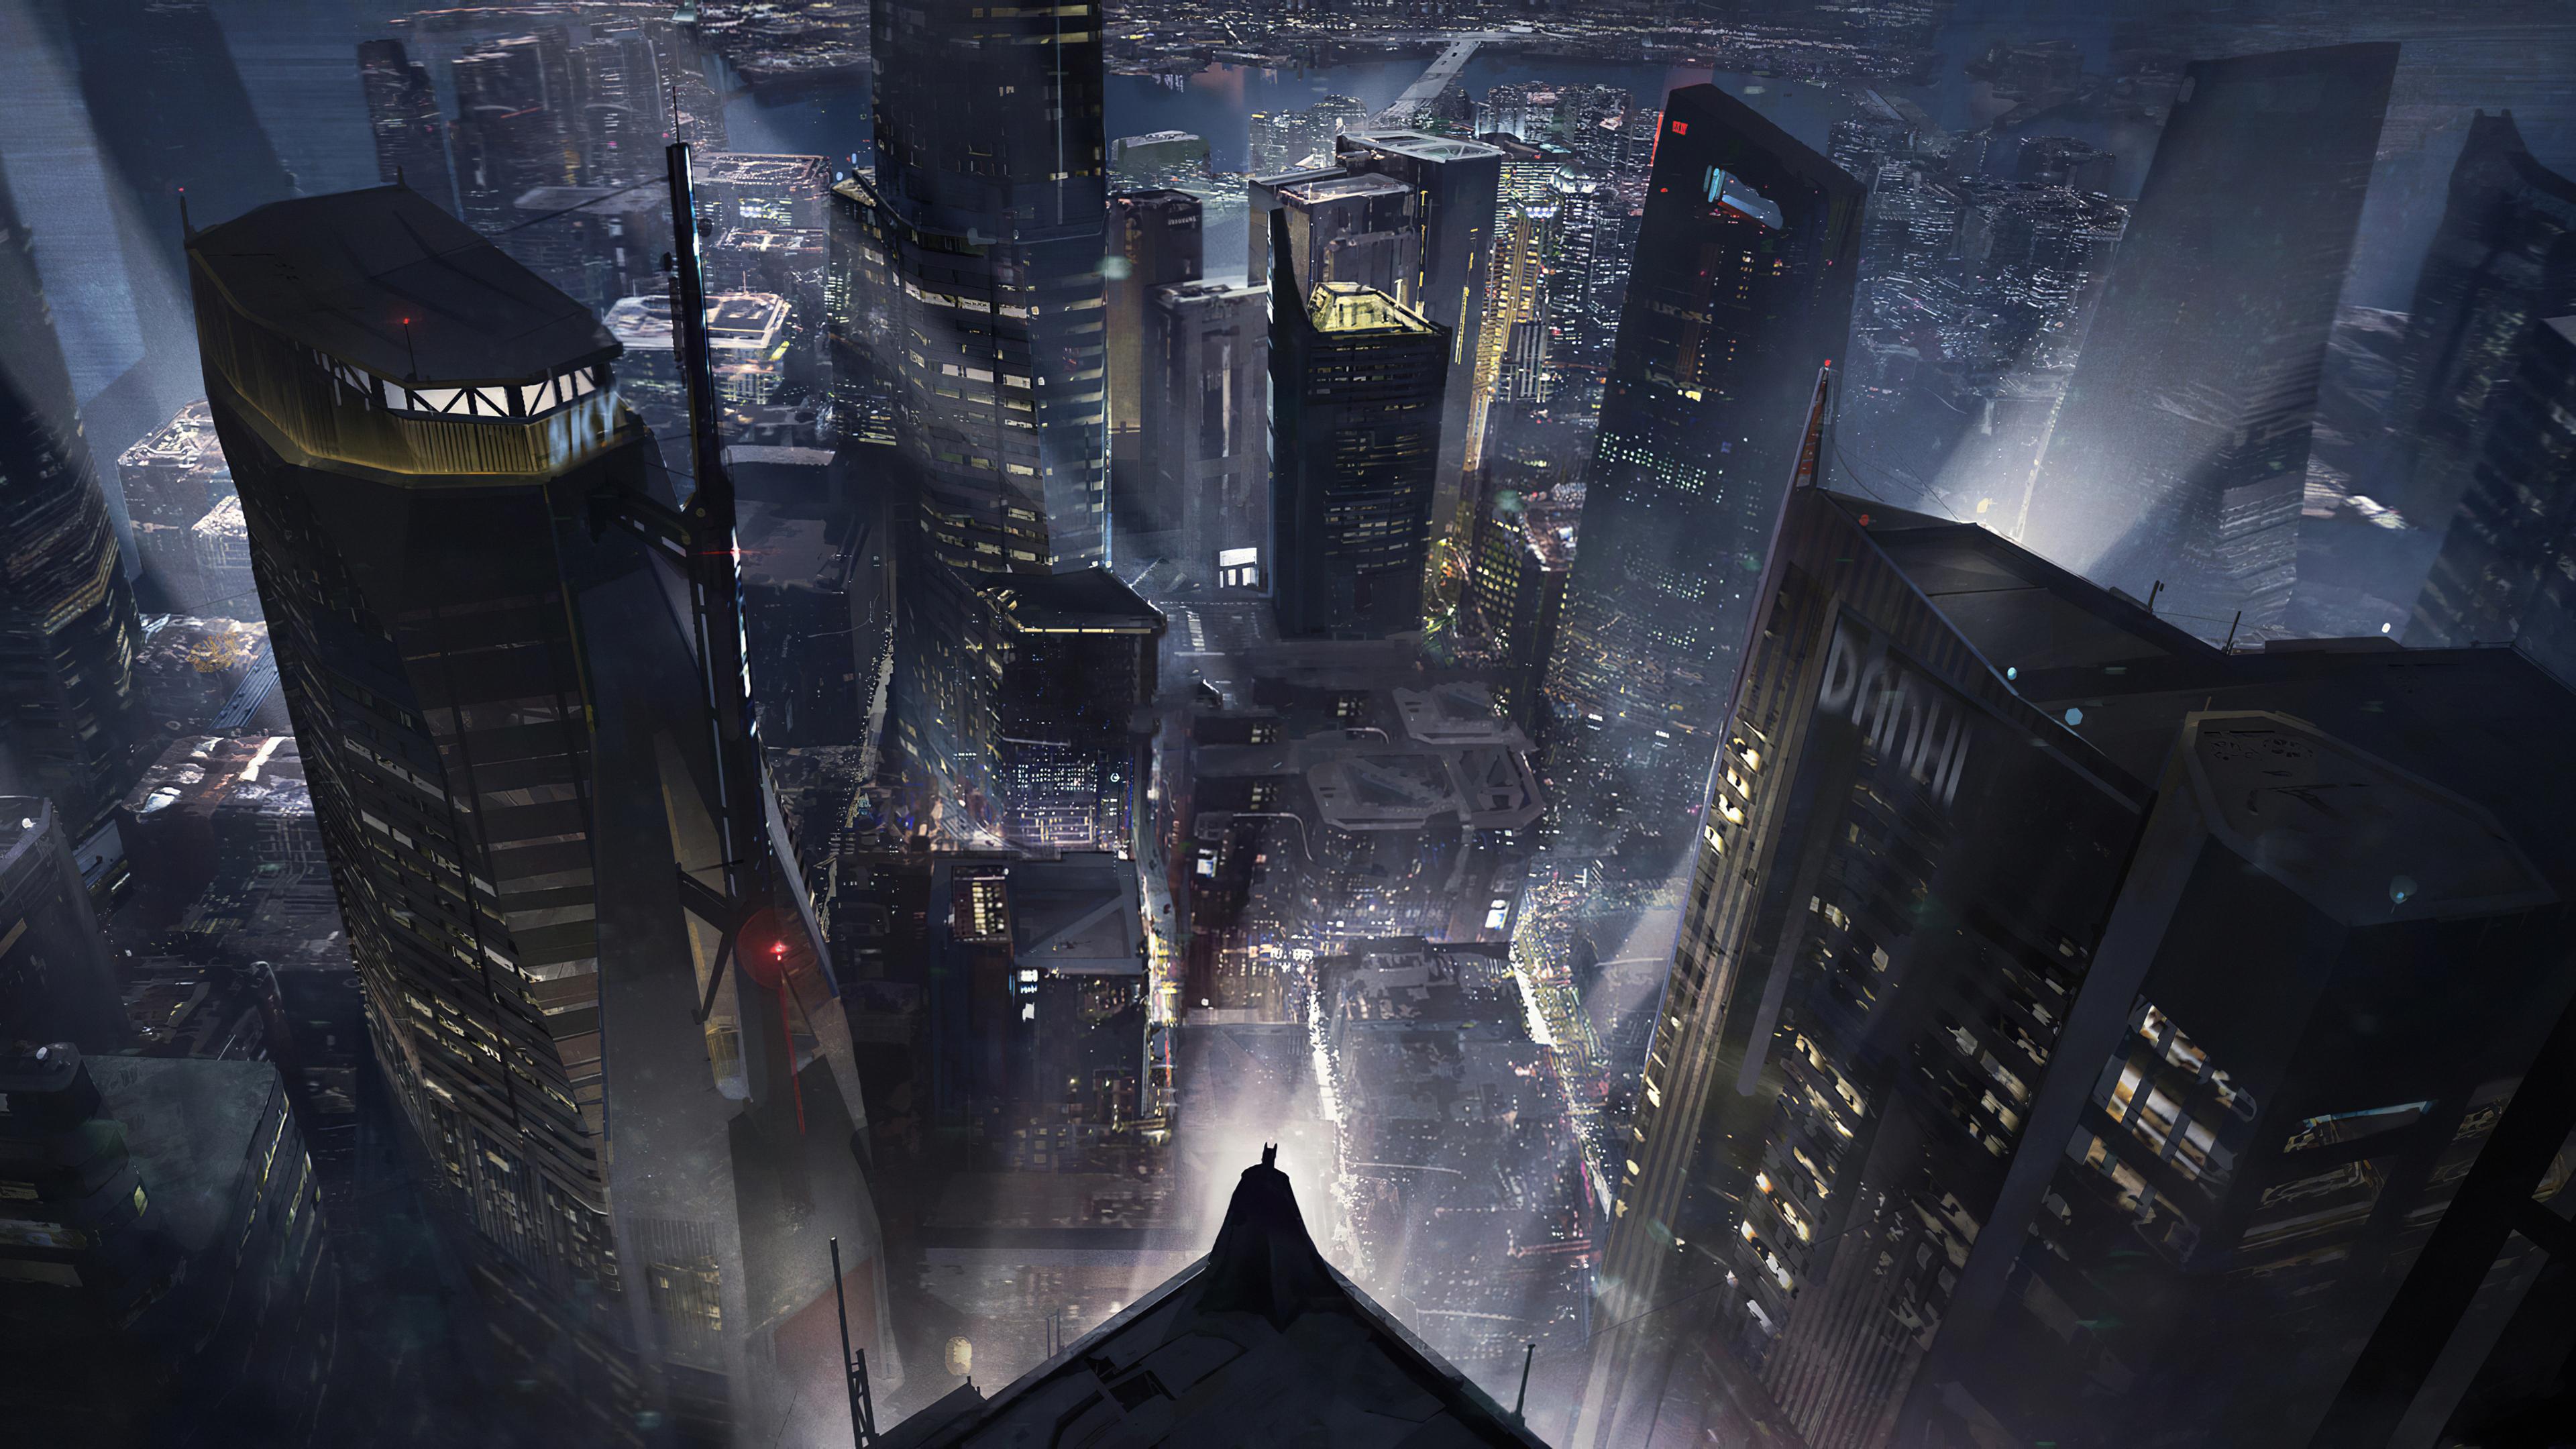 Wallpaper 4k Batman Gotham City New 4k Wallpapers